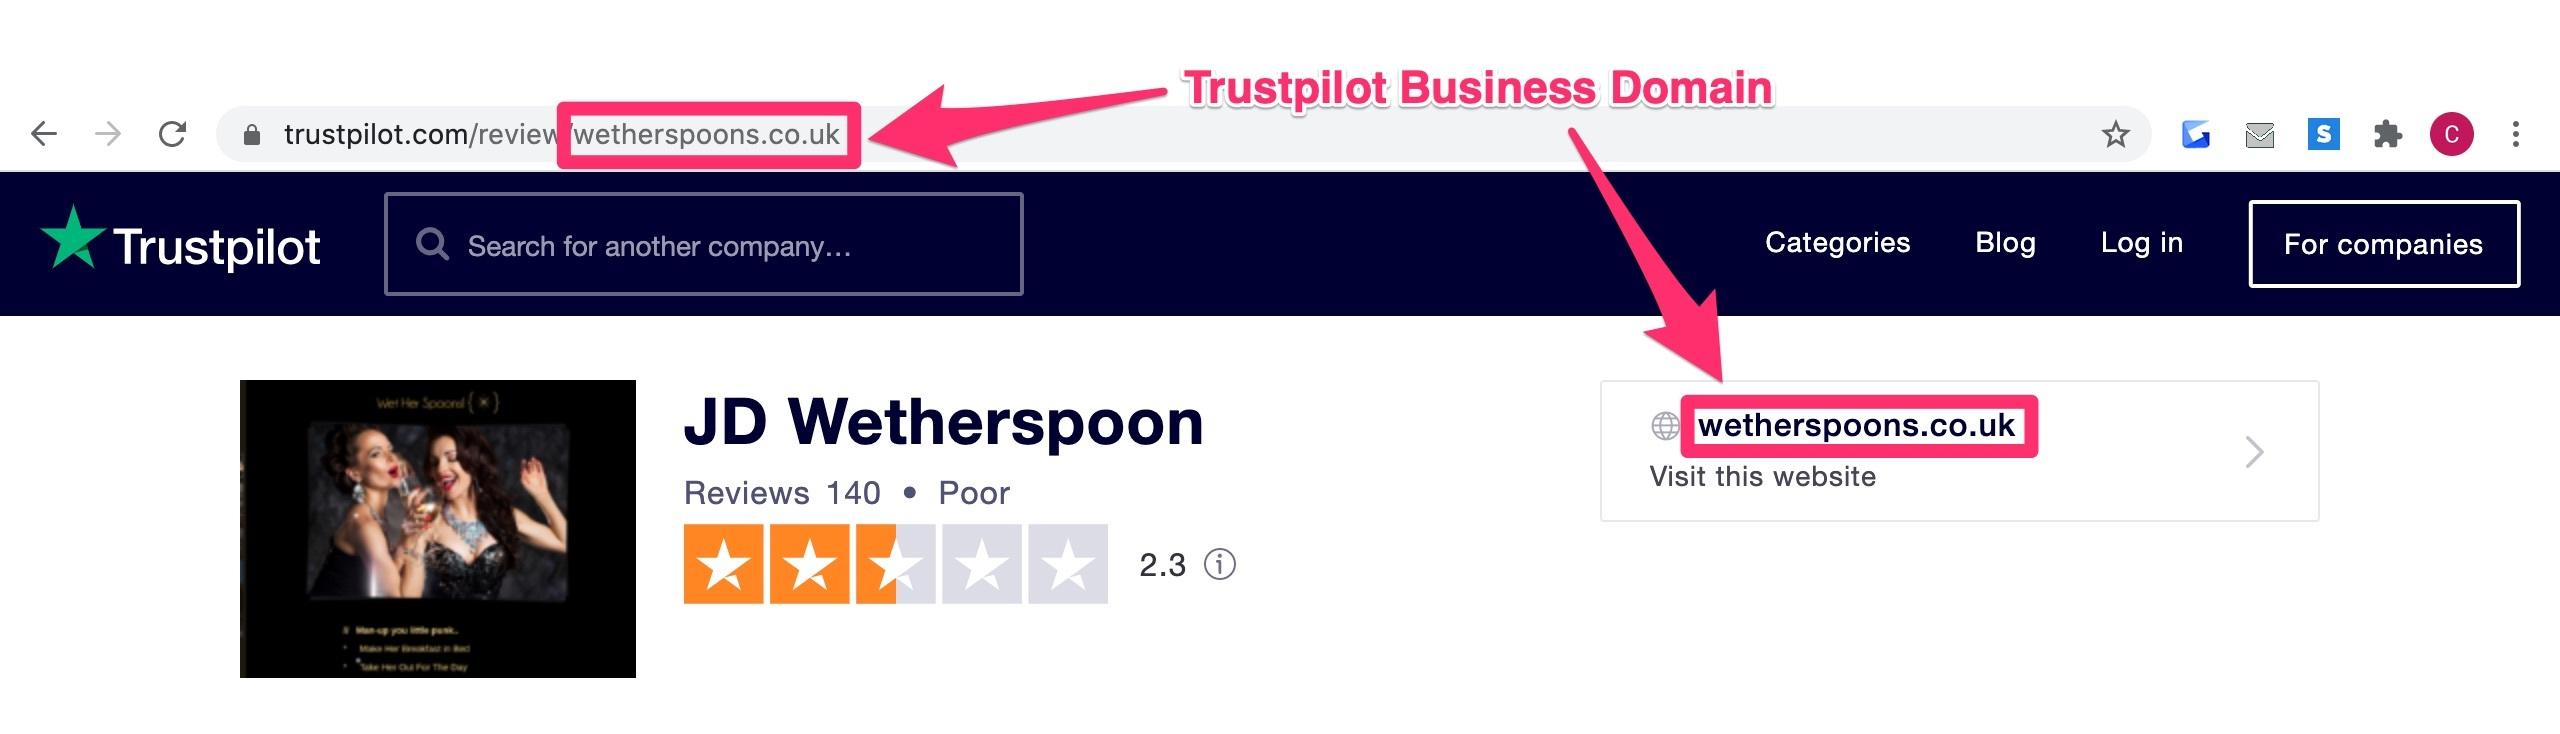 trustpilot social proof